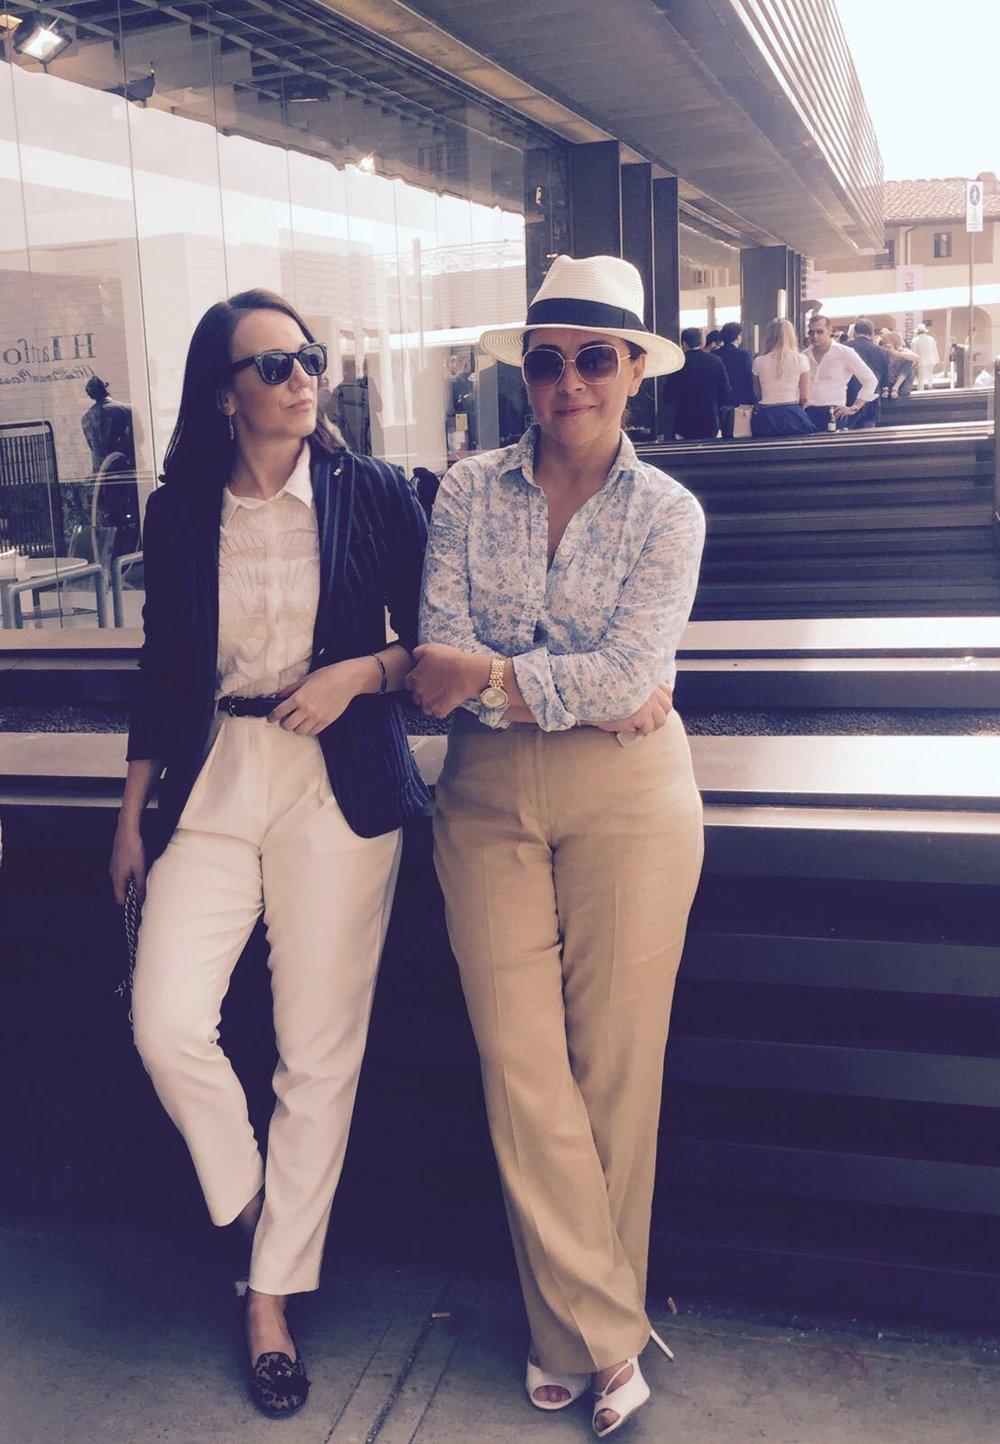 Women in menswear - Laura de Rochas & Mary-Cait Bristow